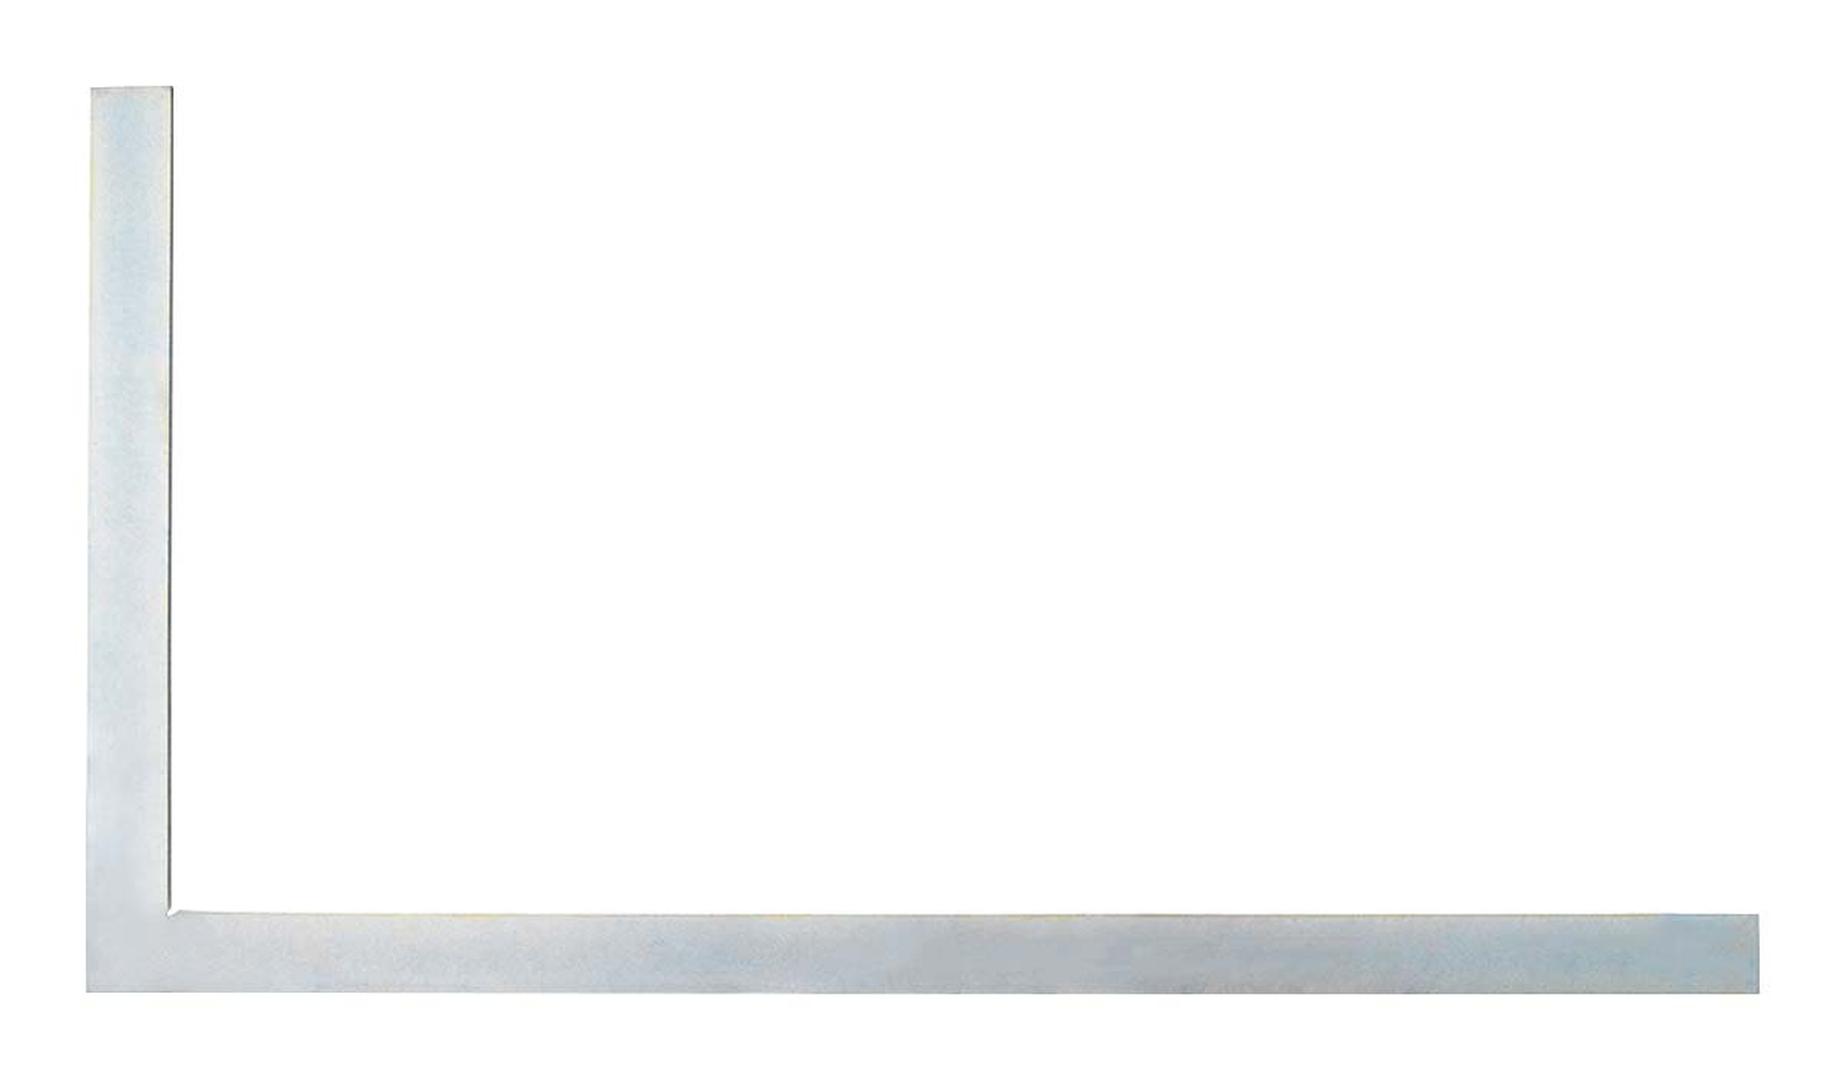 SOLA Schlosserwinkel SW, Stahl verzinkt, 400 x 230 mm